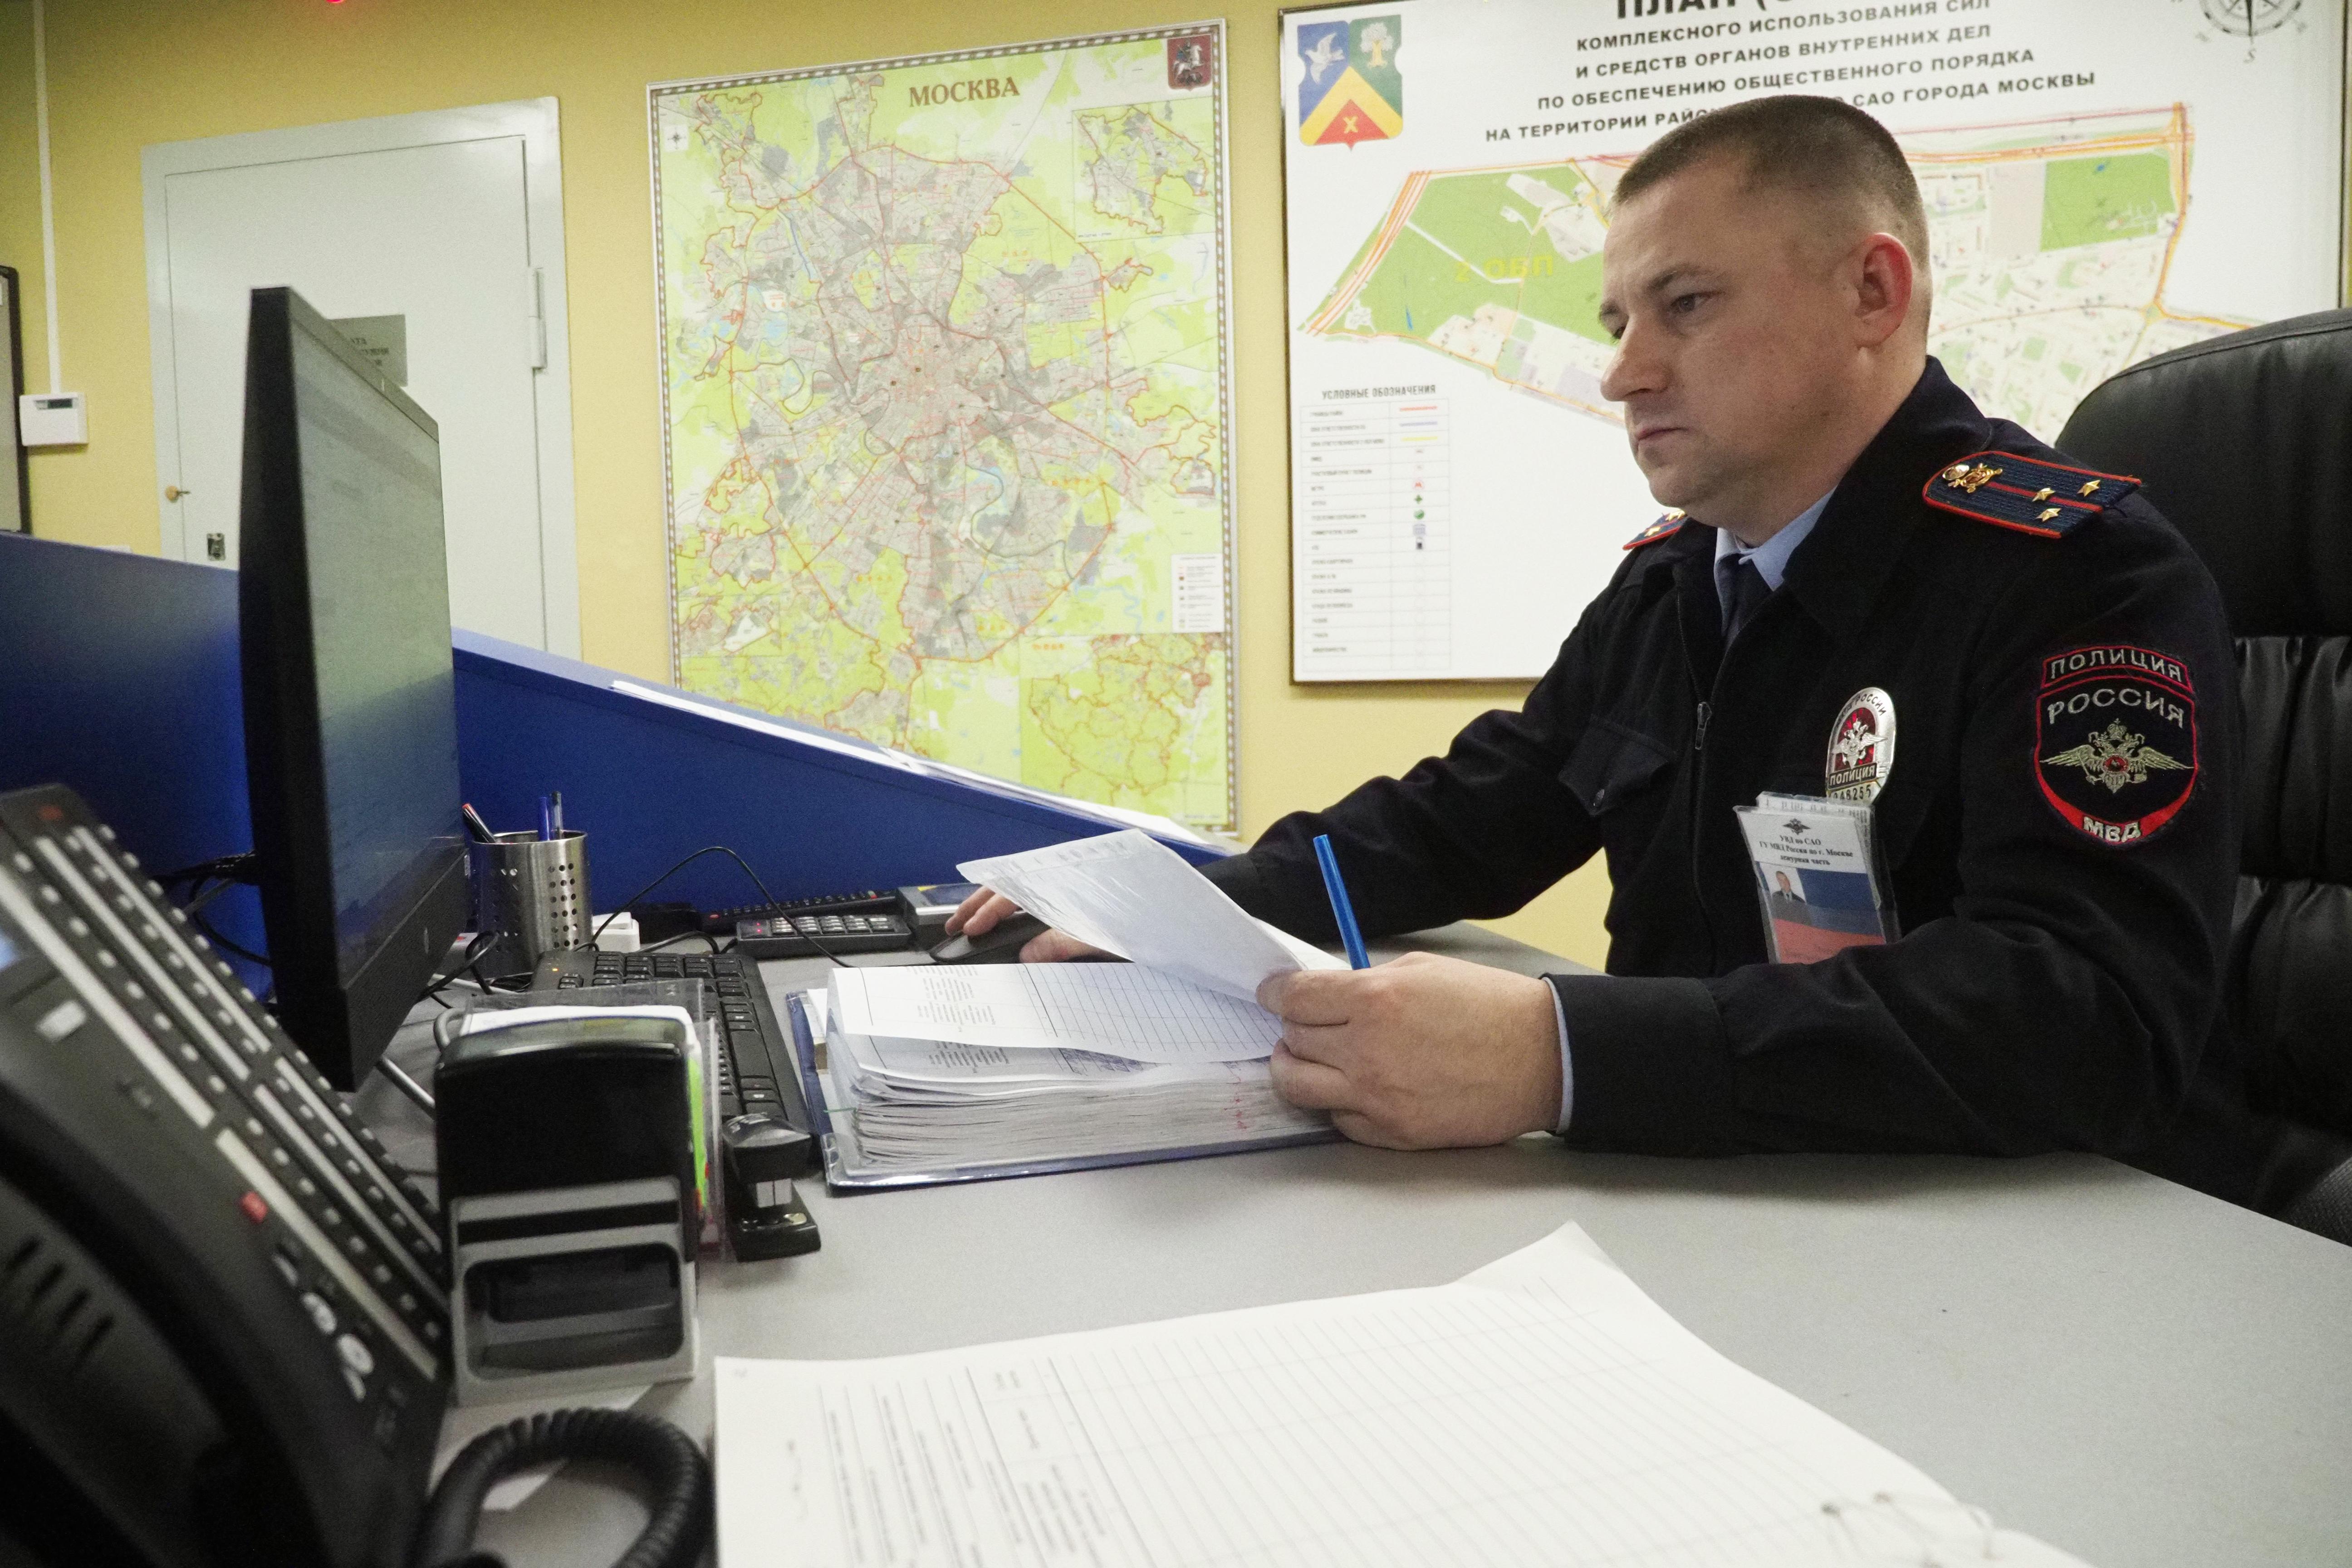 В районе Бирюлево Западное полицейские задержали подозреваемого в ограблении курьера